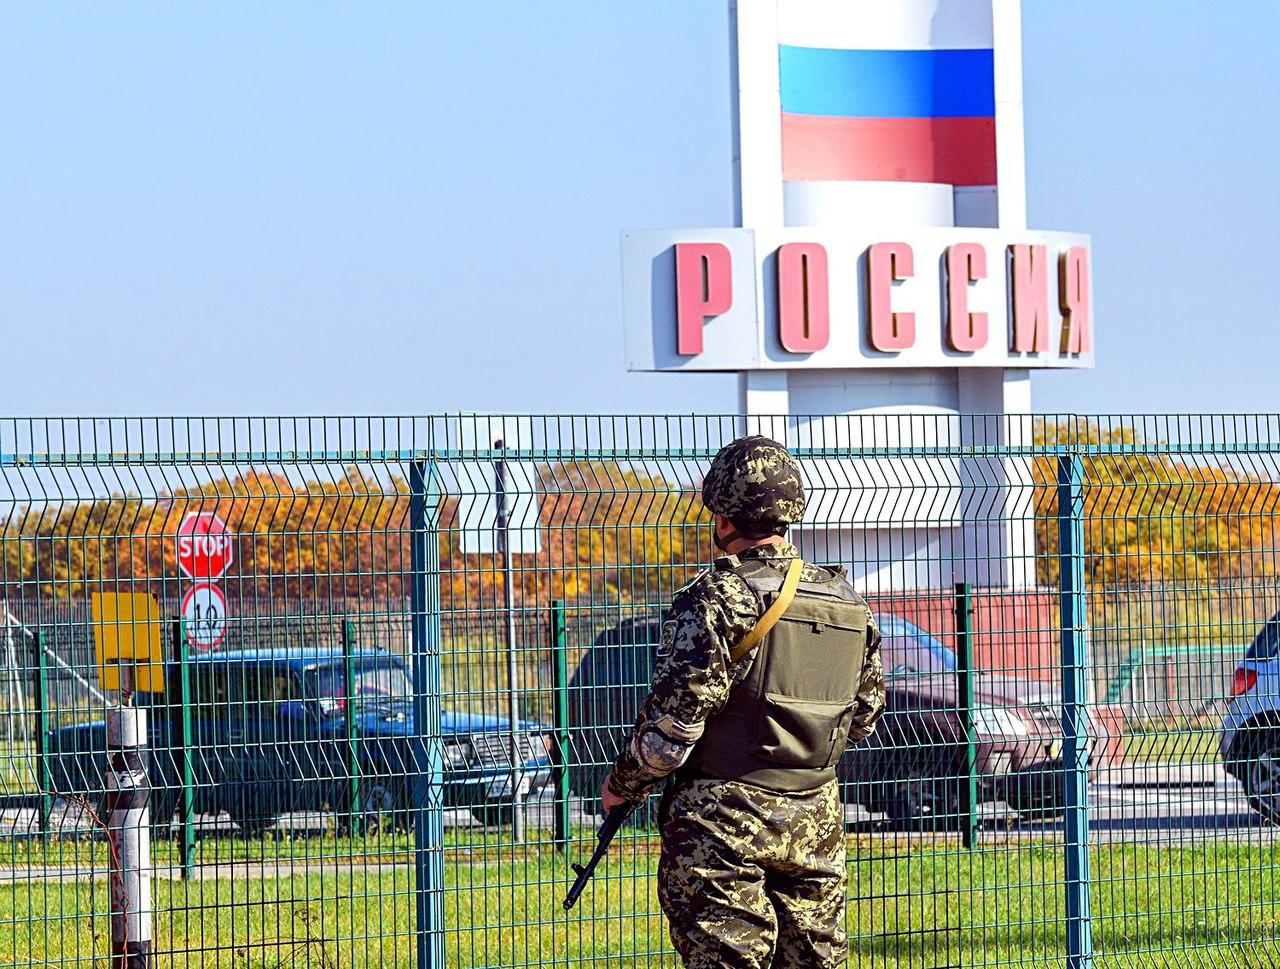 Россия стянула усиление к границе с Белоруссией Белоруссия,Воскресенский,Граница,Политика,Россия,Россия